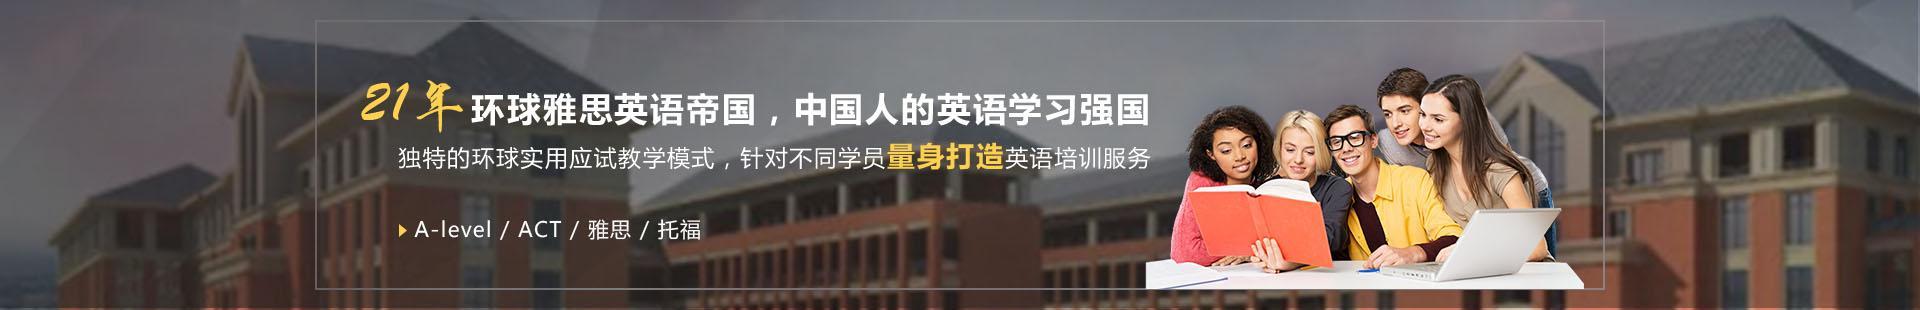 上海环球教育培训